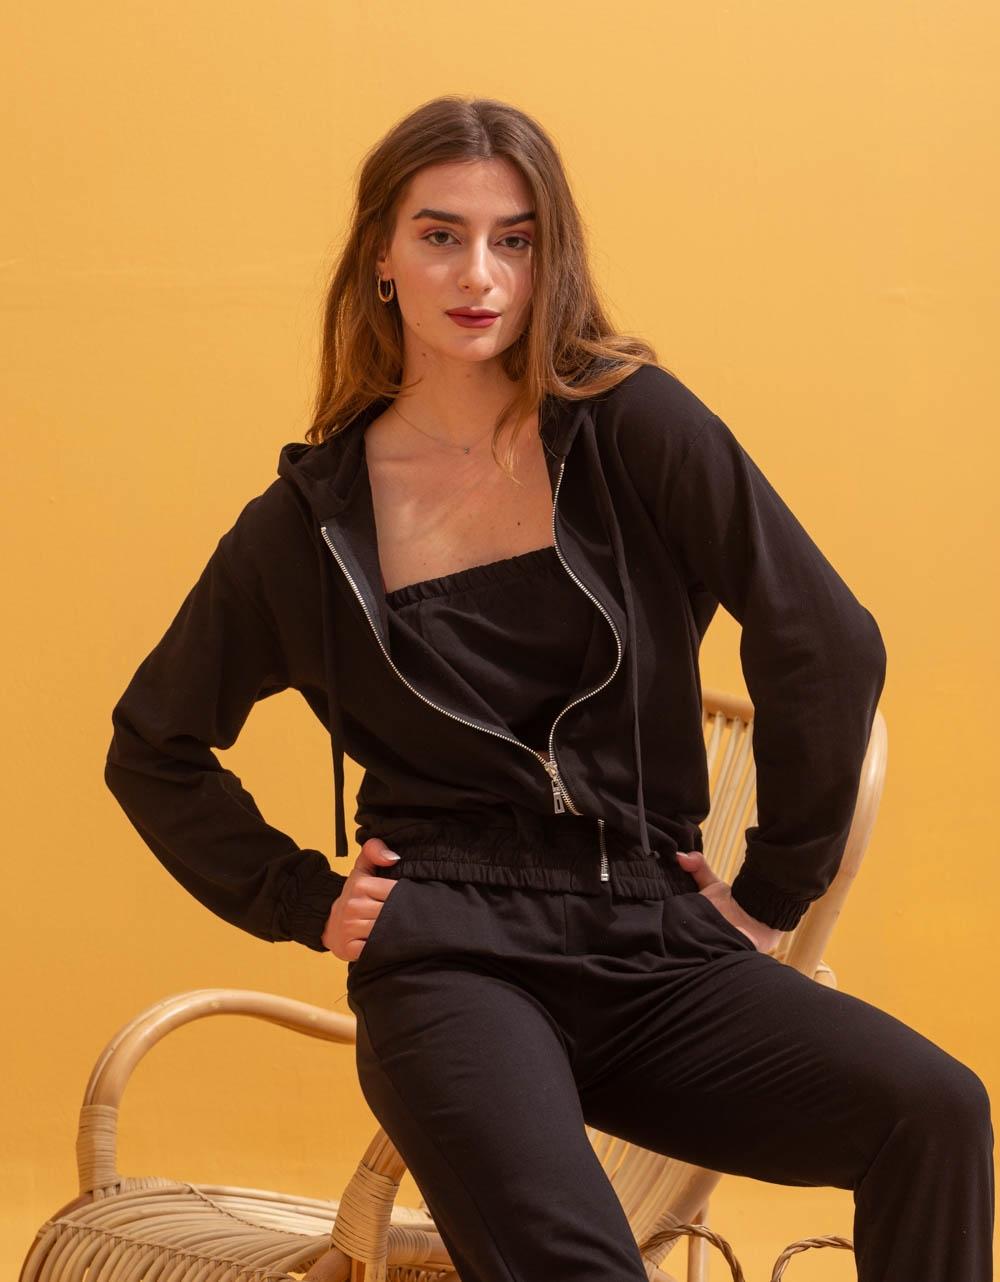 Εικόνα από Γυναικεία σετ ρούχων παντελόνι & μπλουζάκι Μαύρο